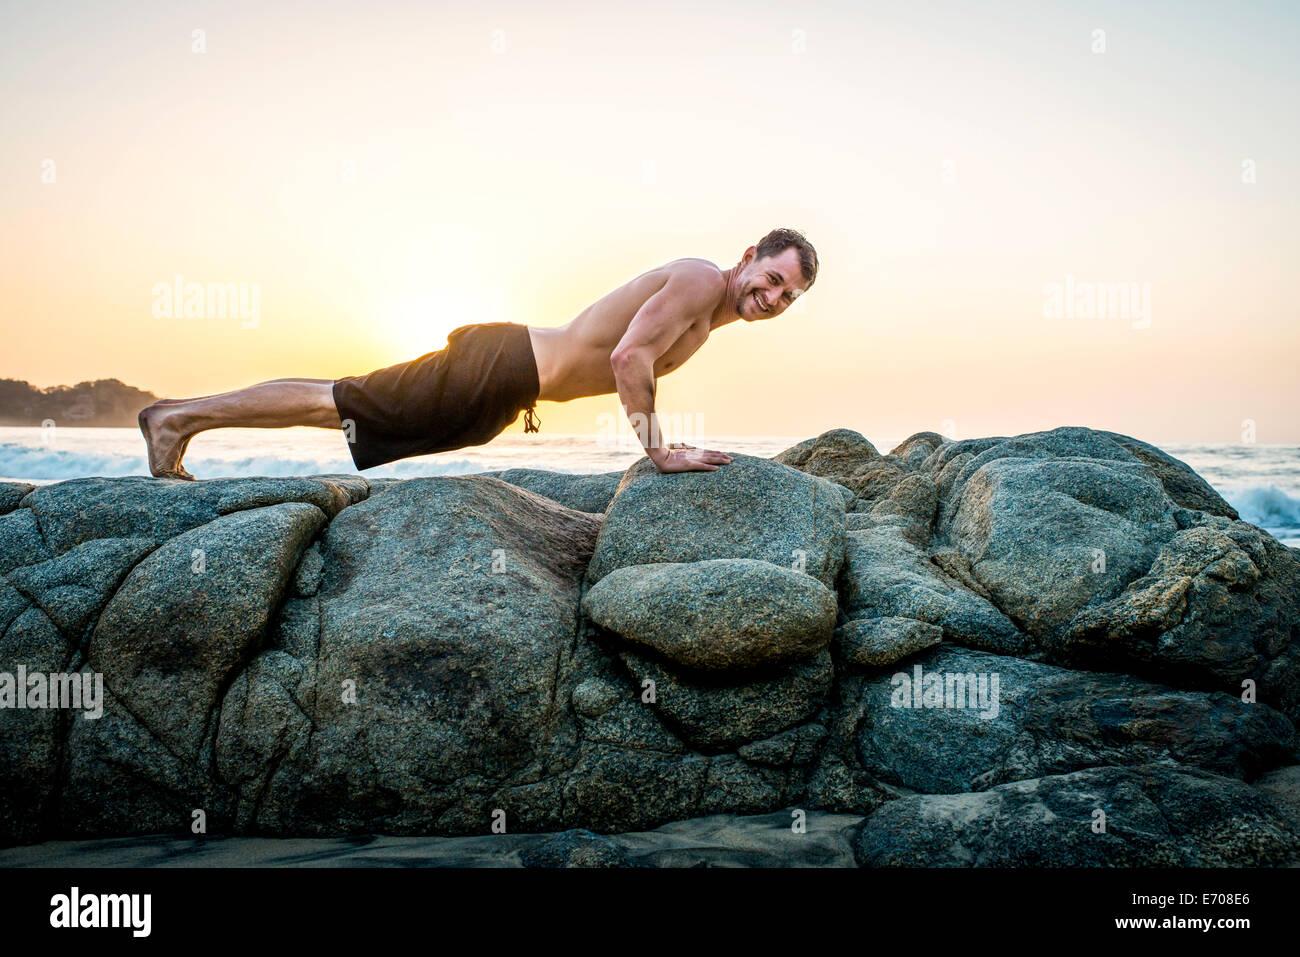 Metà uomo adulto facendo push-up su rocce in spiaggia Immagini Stock